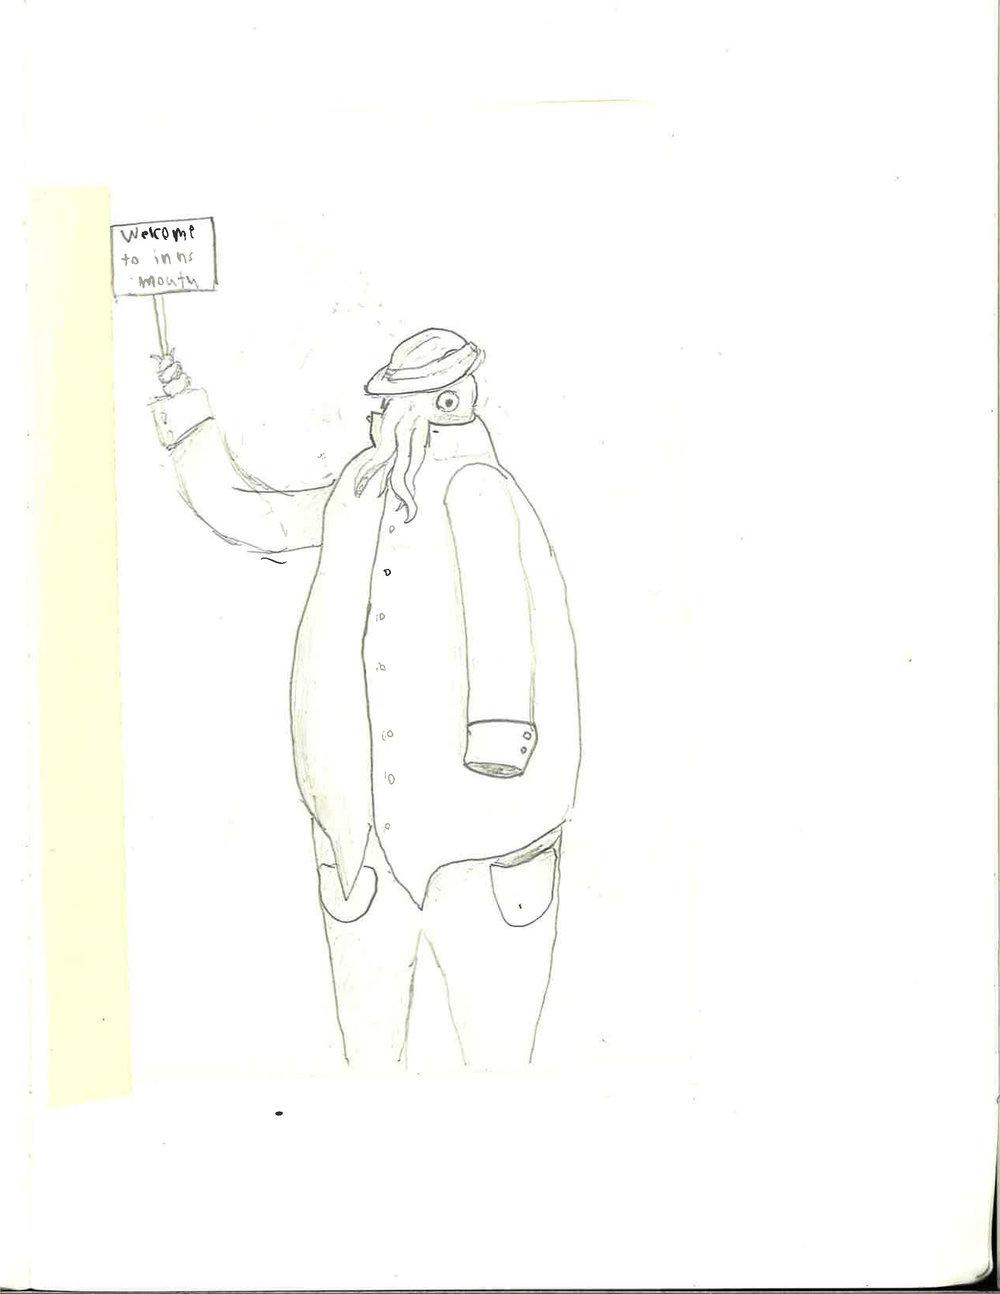 Sketchbook_Page_17.jpg